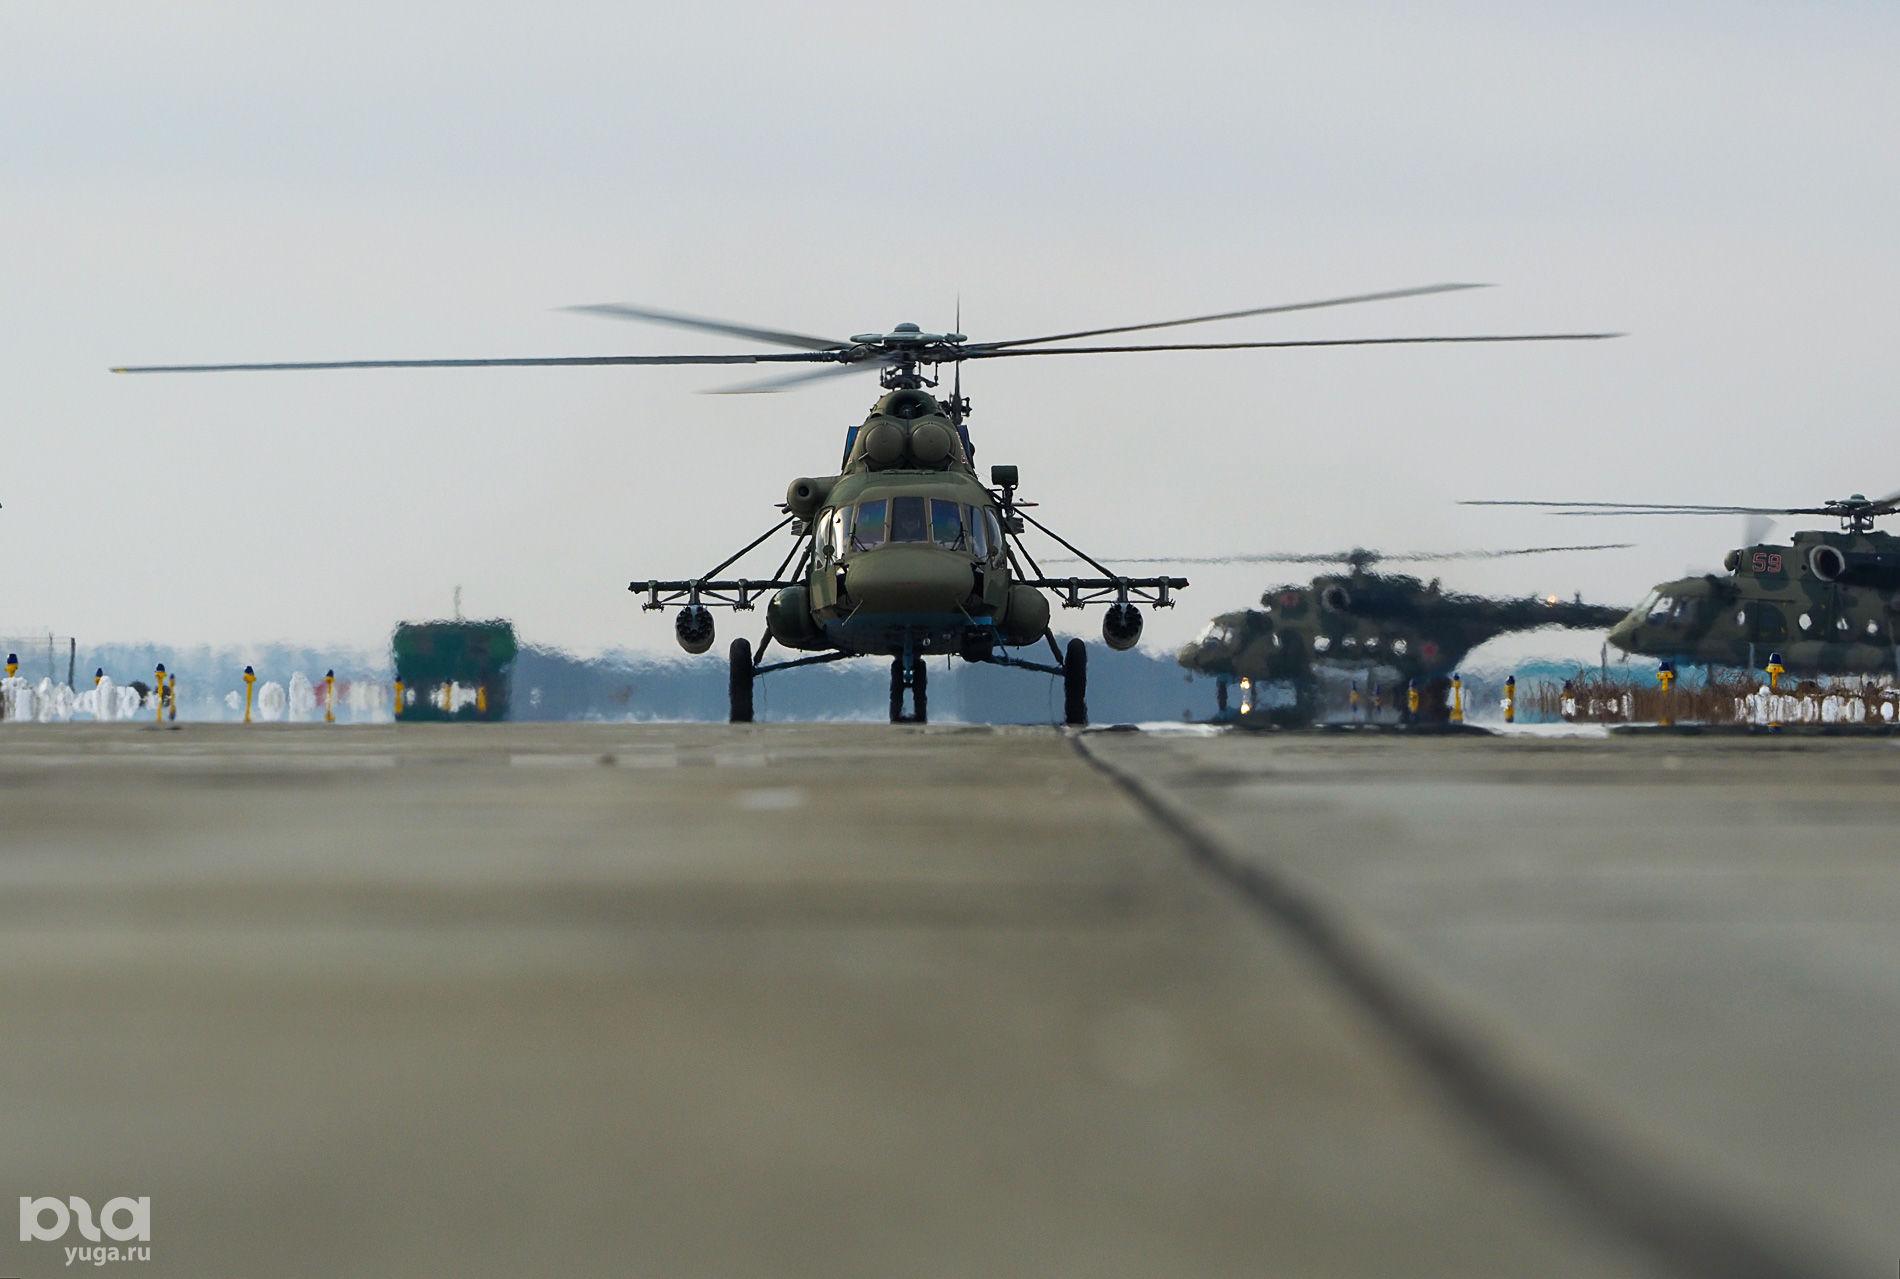 Вертолет Ми-8 ©Виталий Тимкив, Юга.ру